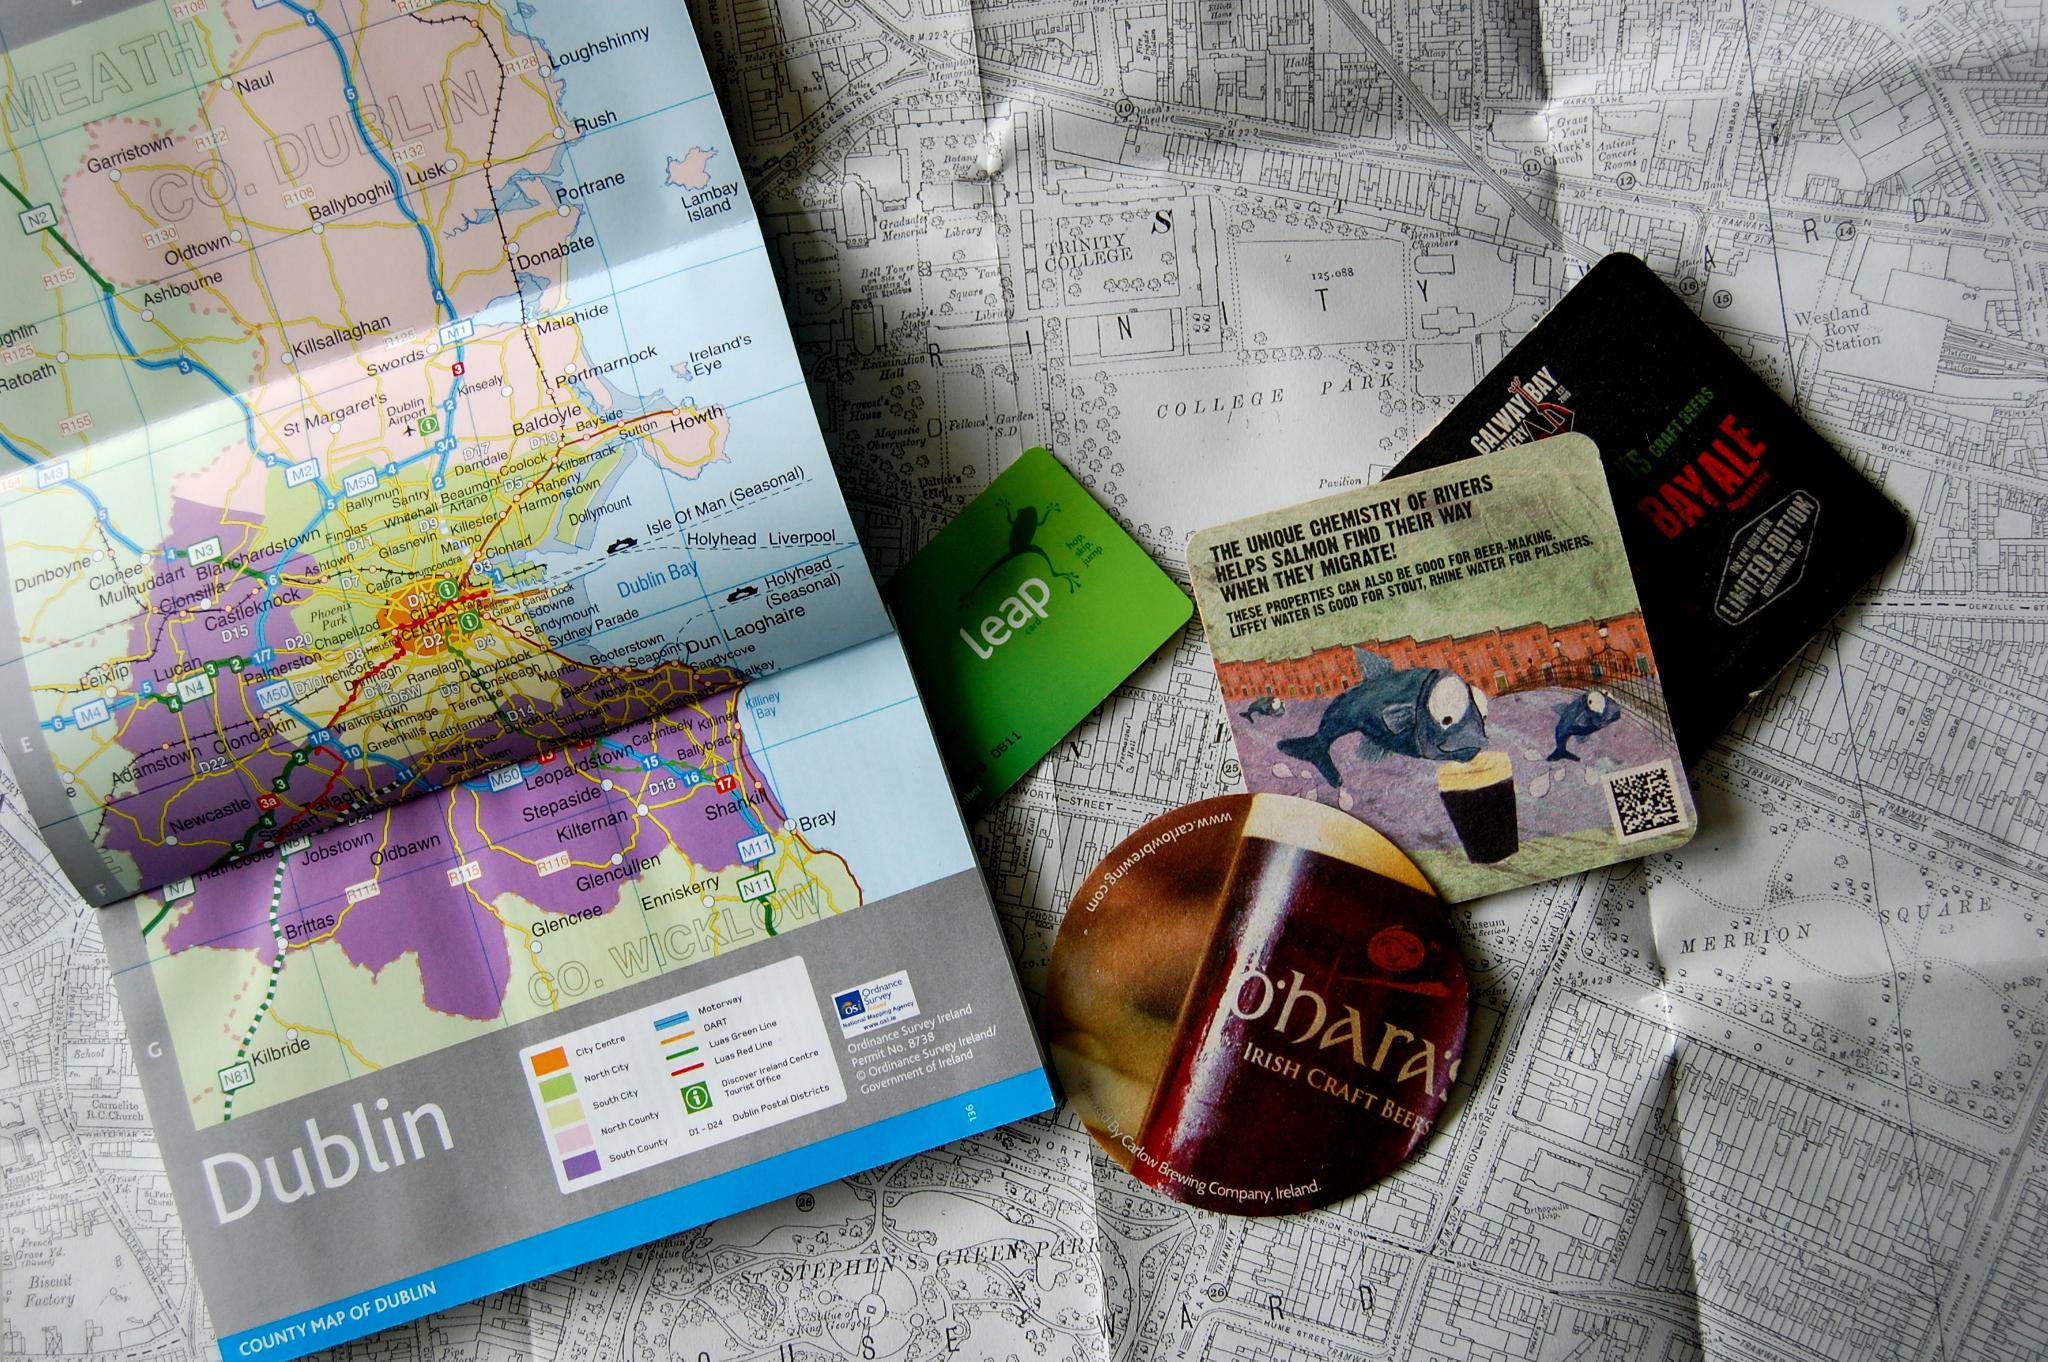 italishmagazine - dublino per turisti - leapcard